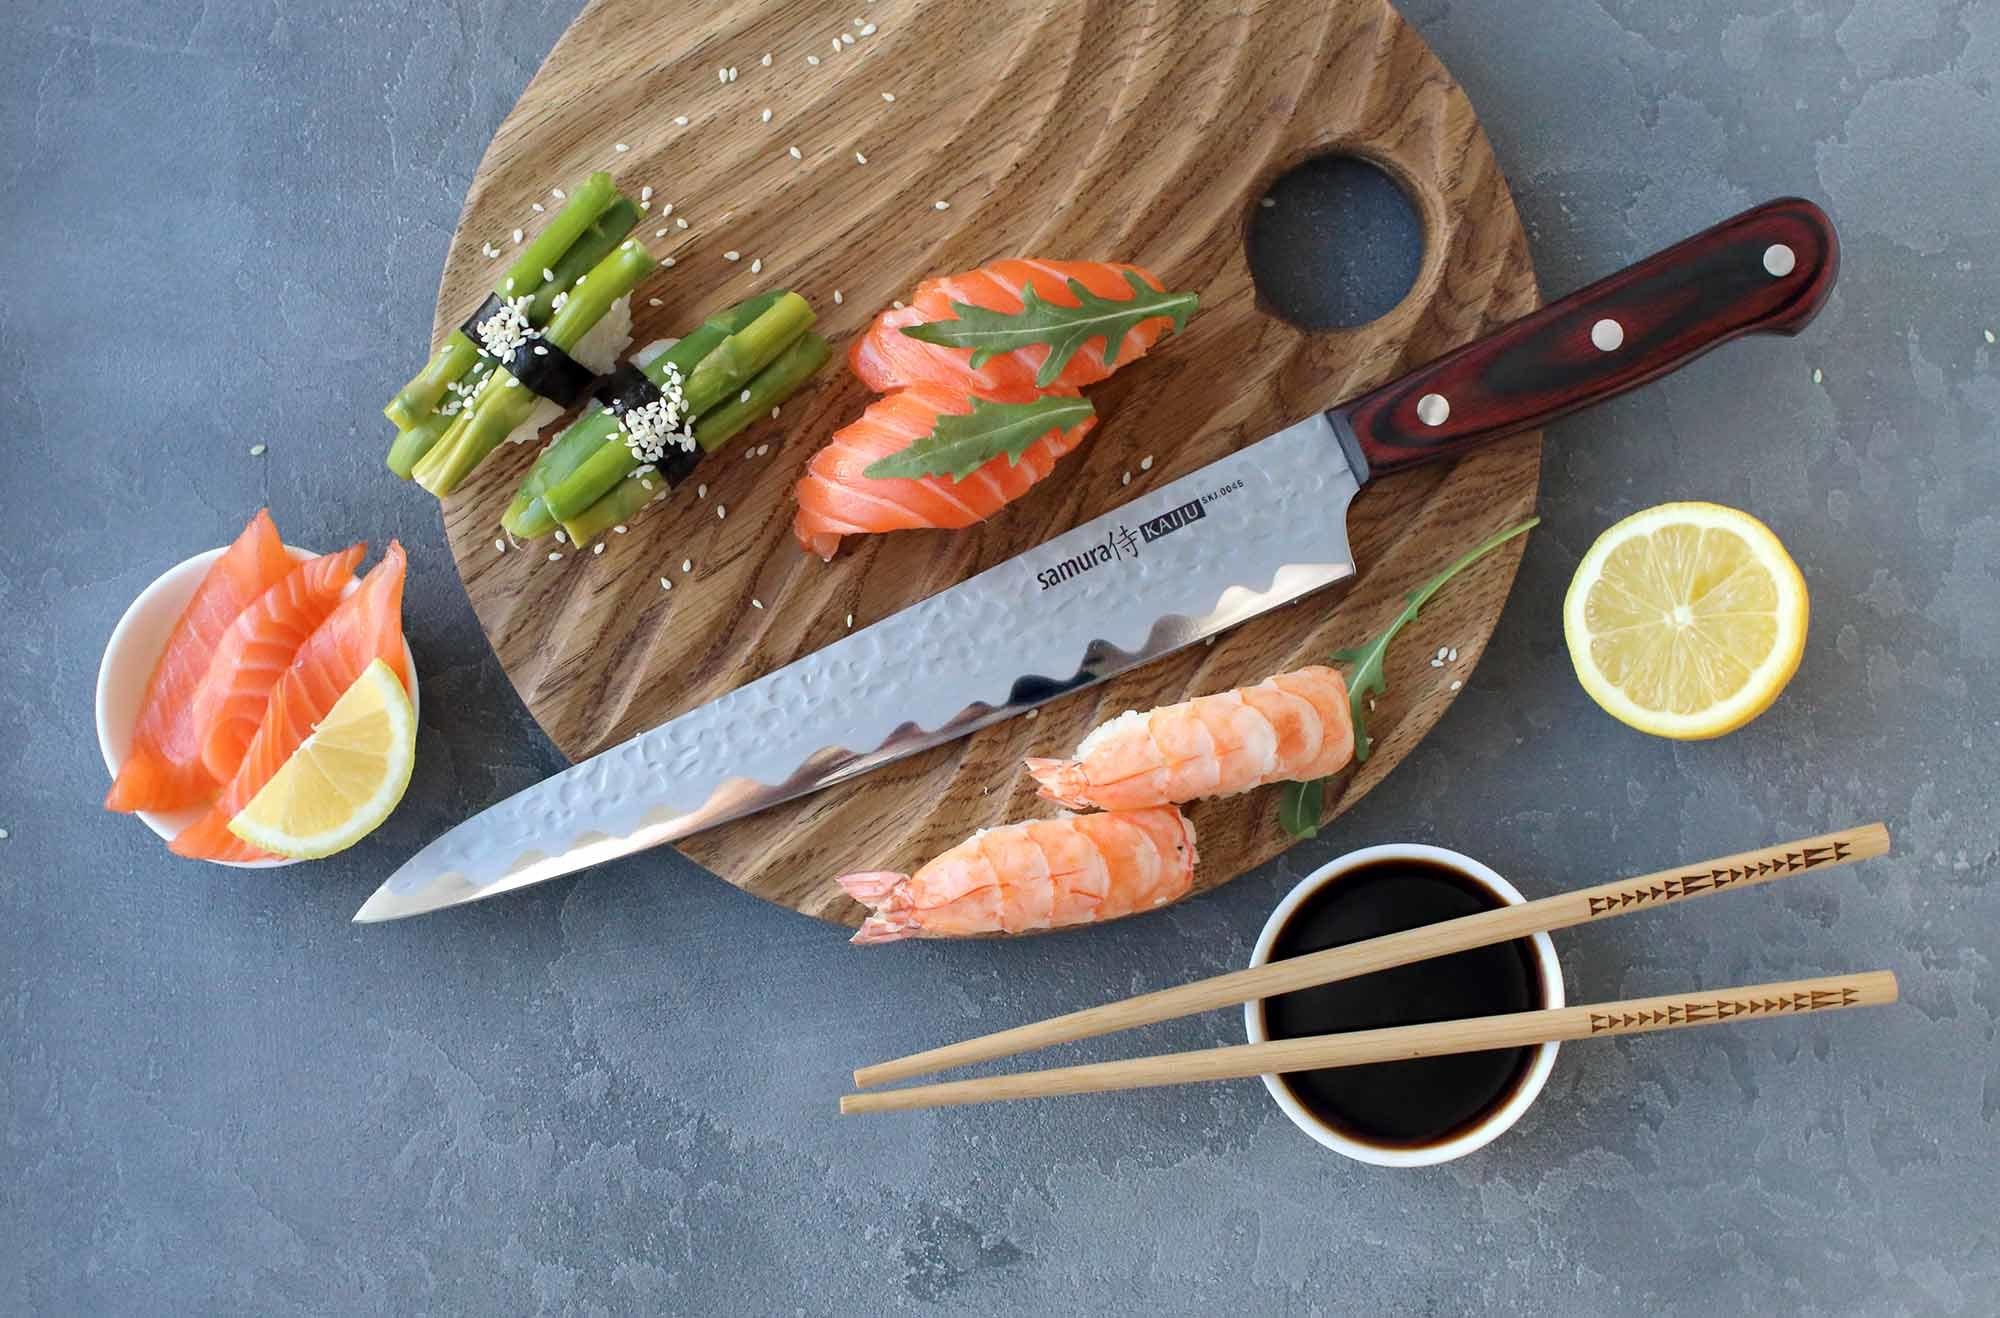 Фото 7 - Нож кухонный Samura KAIJU Янагиба - SKJ-0045, сталь AUS-8, рукоять дерево, 240 мм